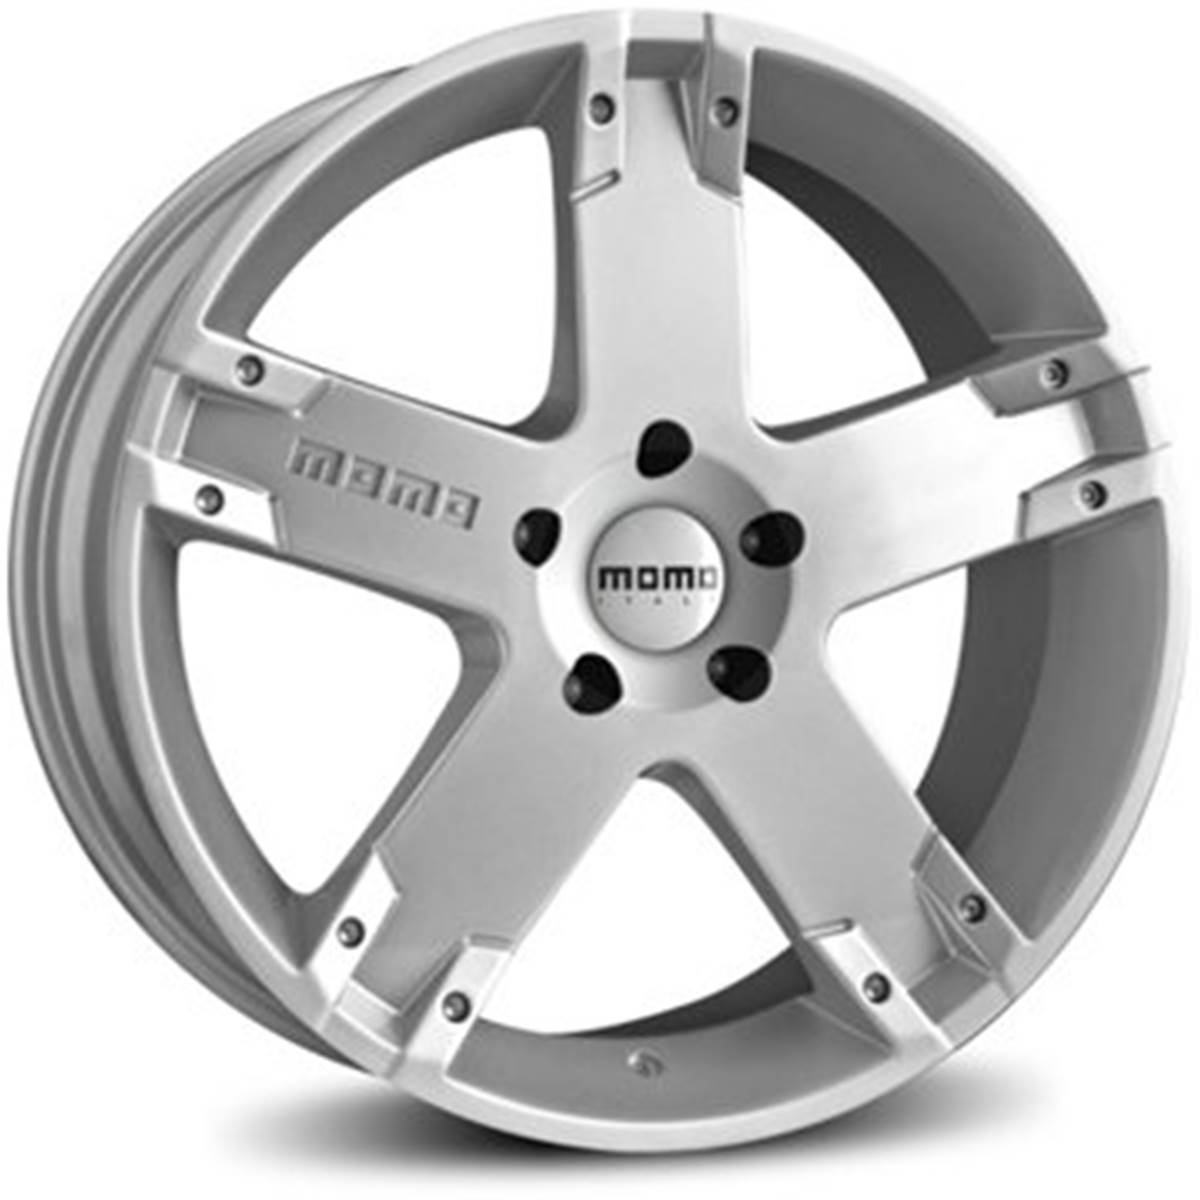 Jante MOMO Storm G2 Silver 8,5x20 5x120ET35